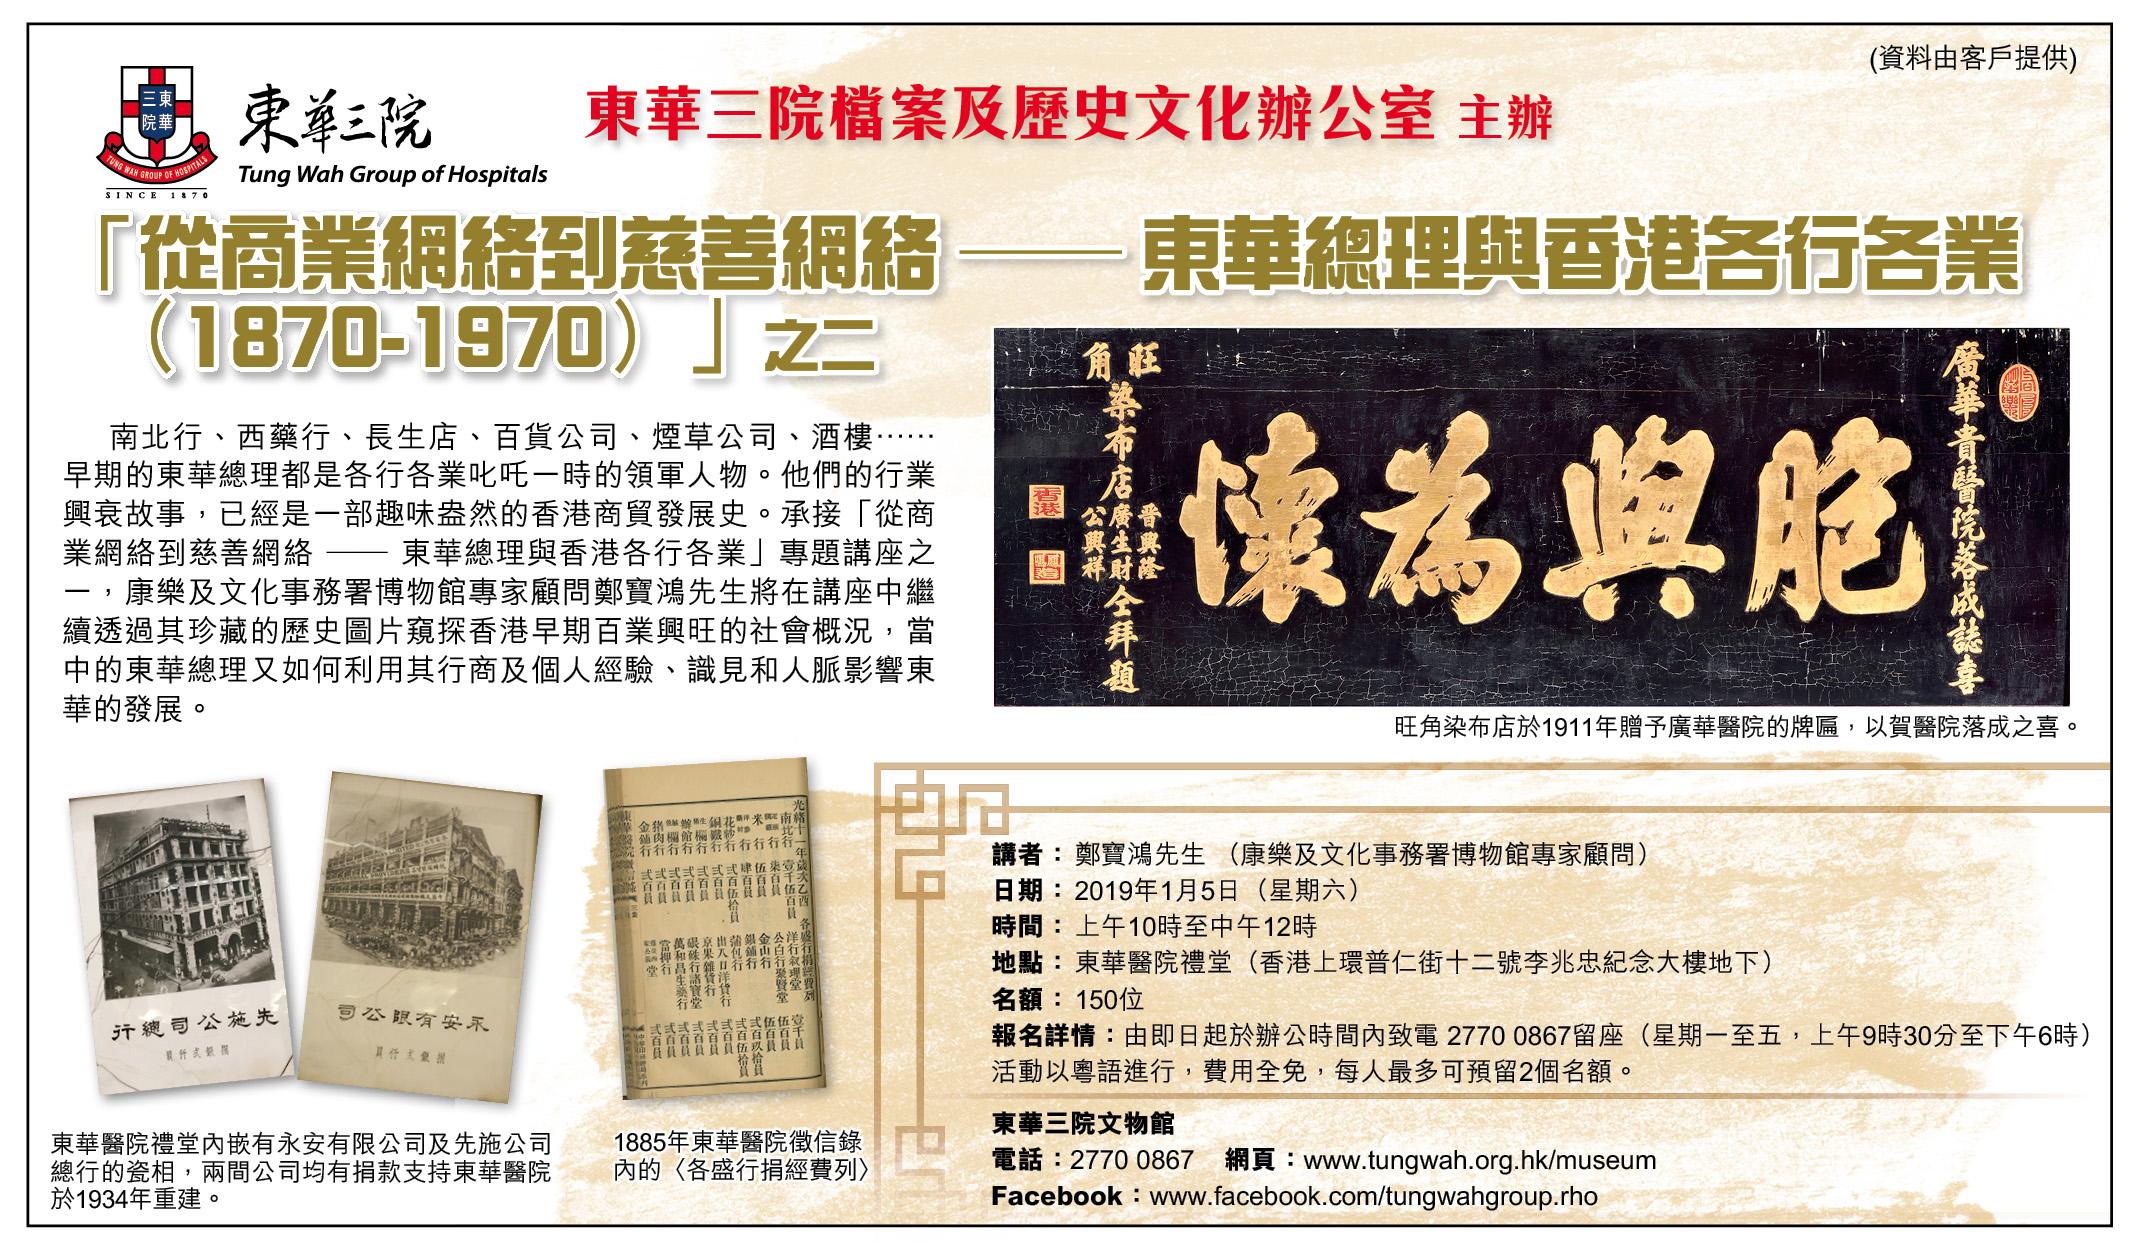 「从商业网络到慈善网络 —— 东华总理与香港各行各业(1870-1970)」 之二AM730广告稿 (2019.1.5)